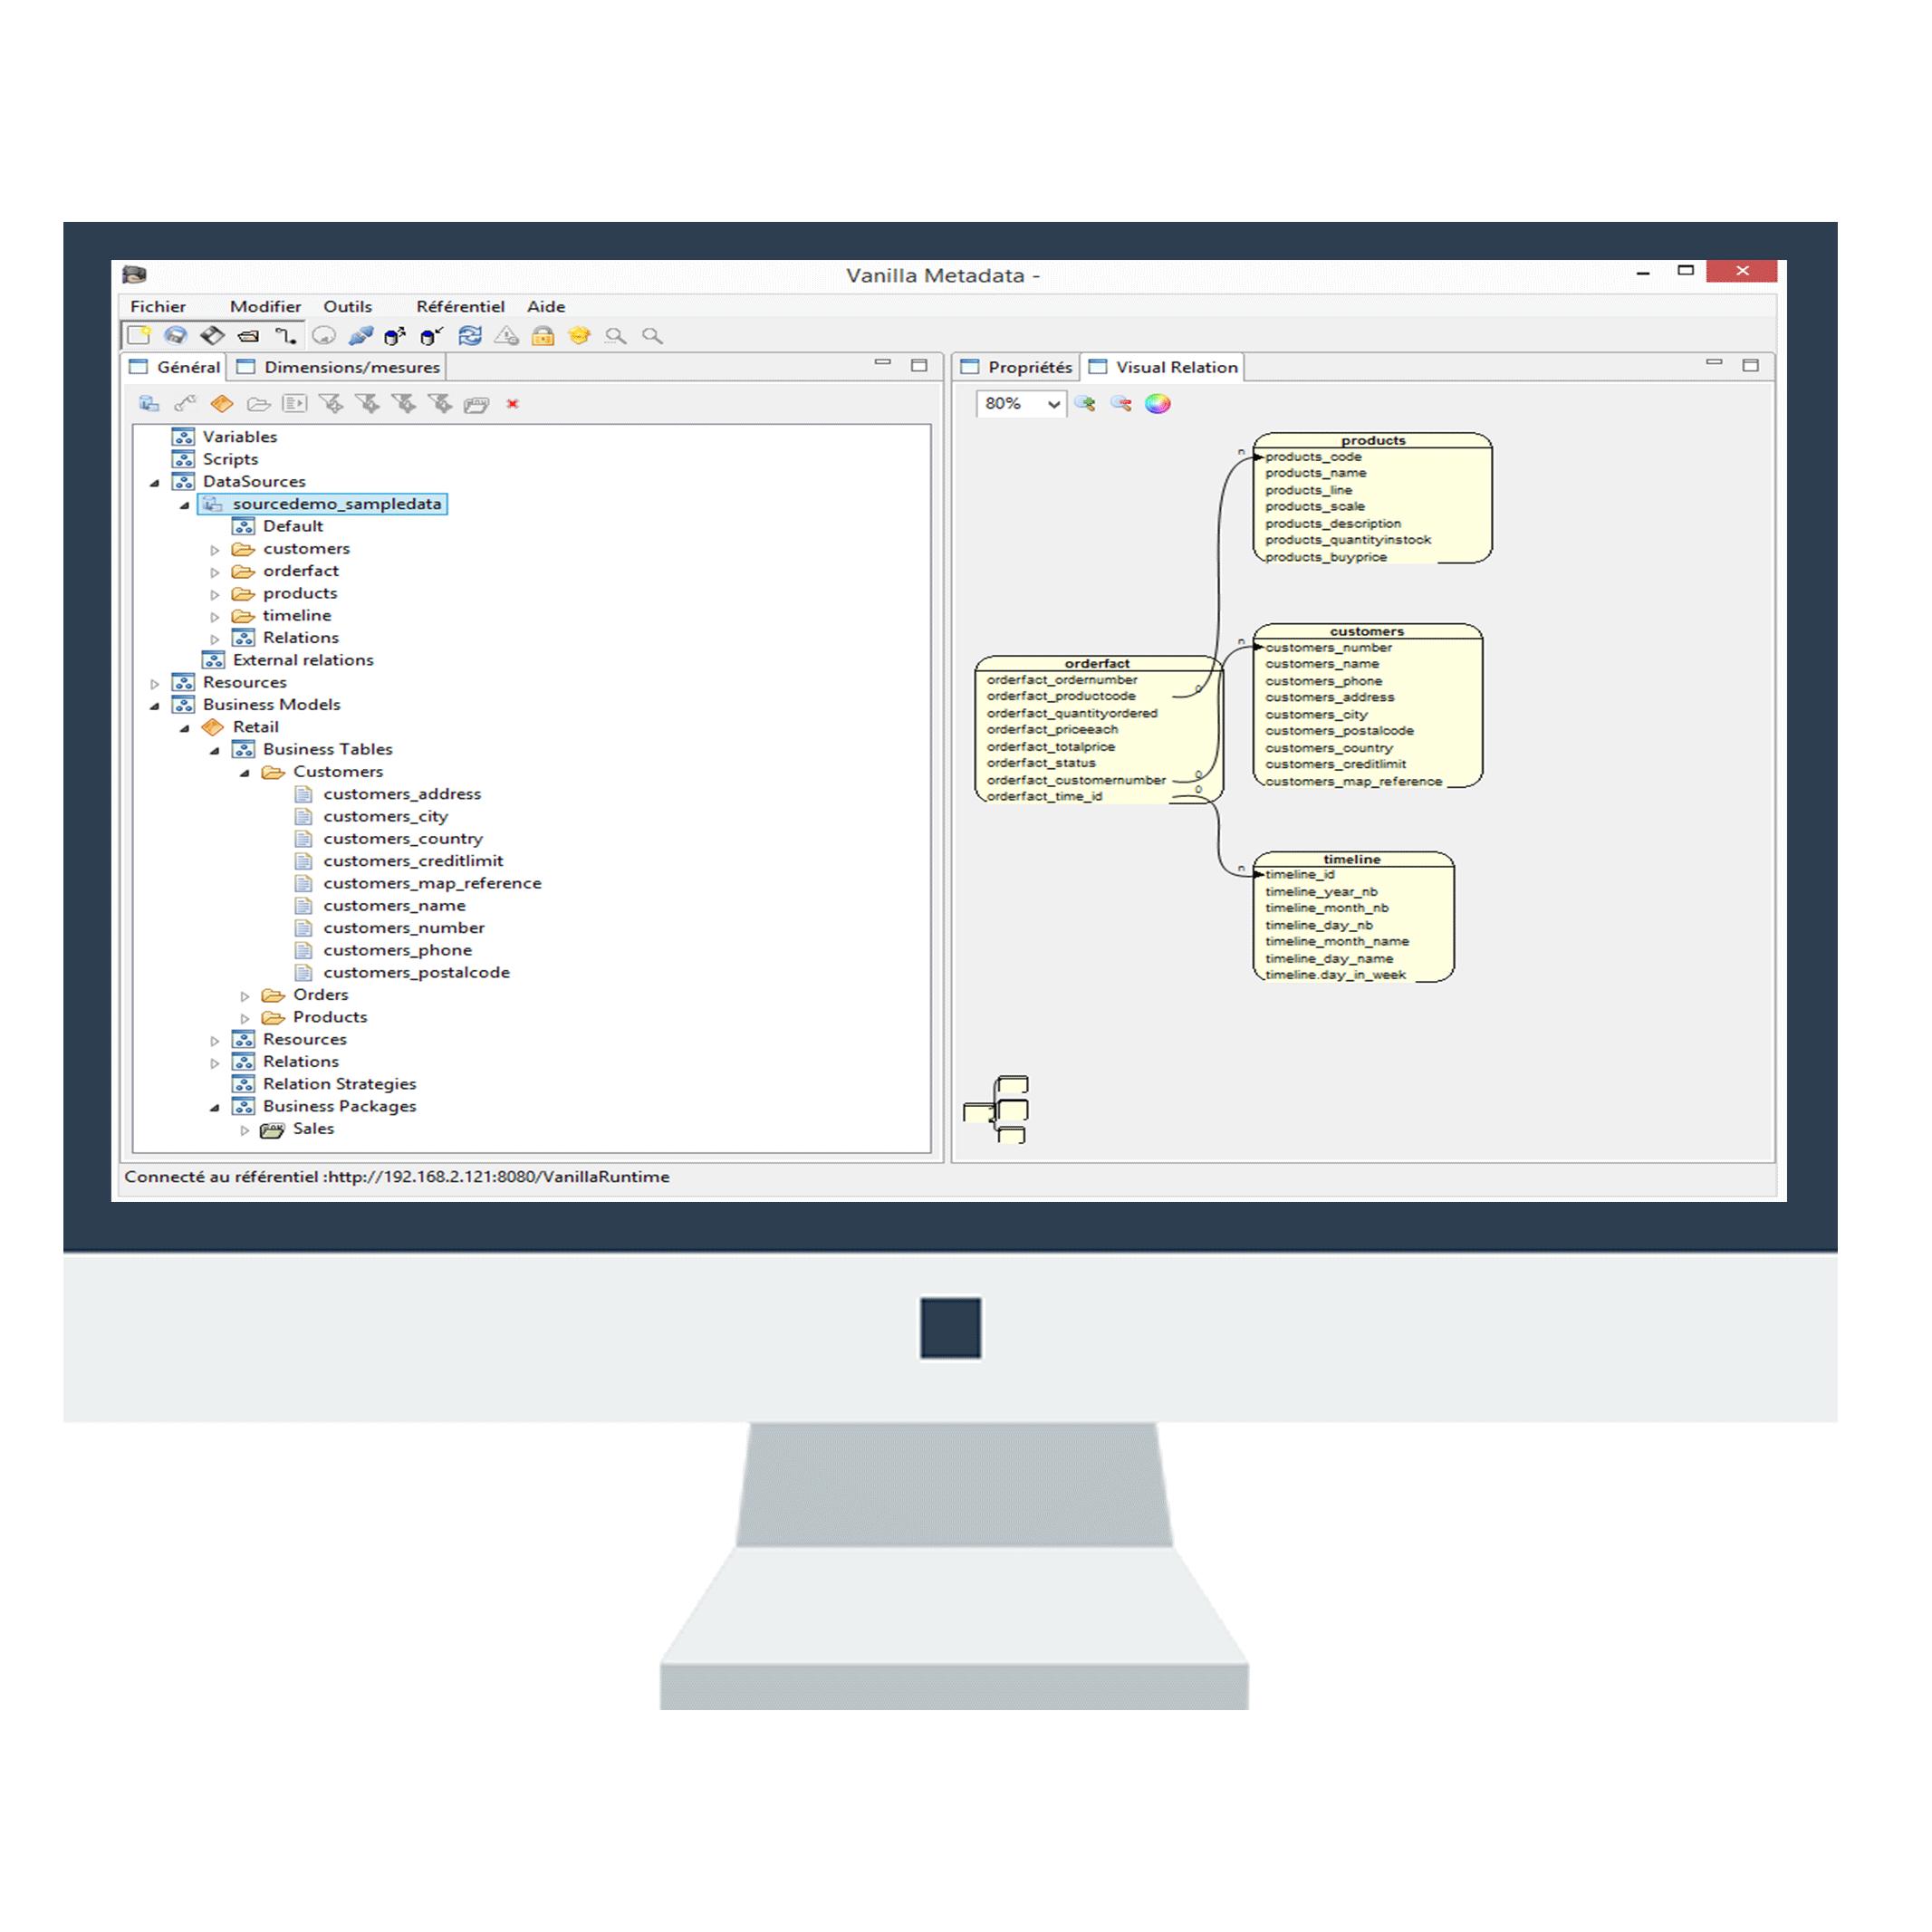 Vanilla Metadata